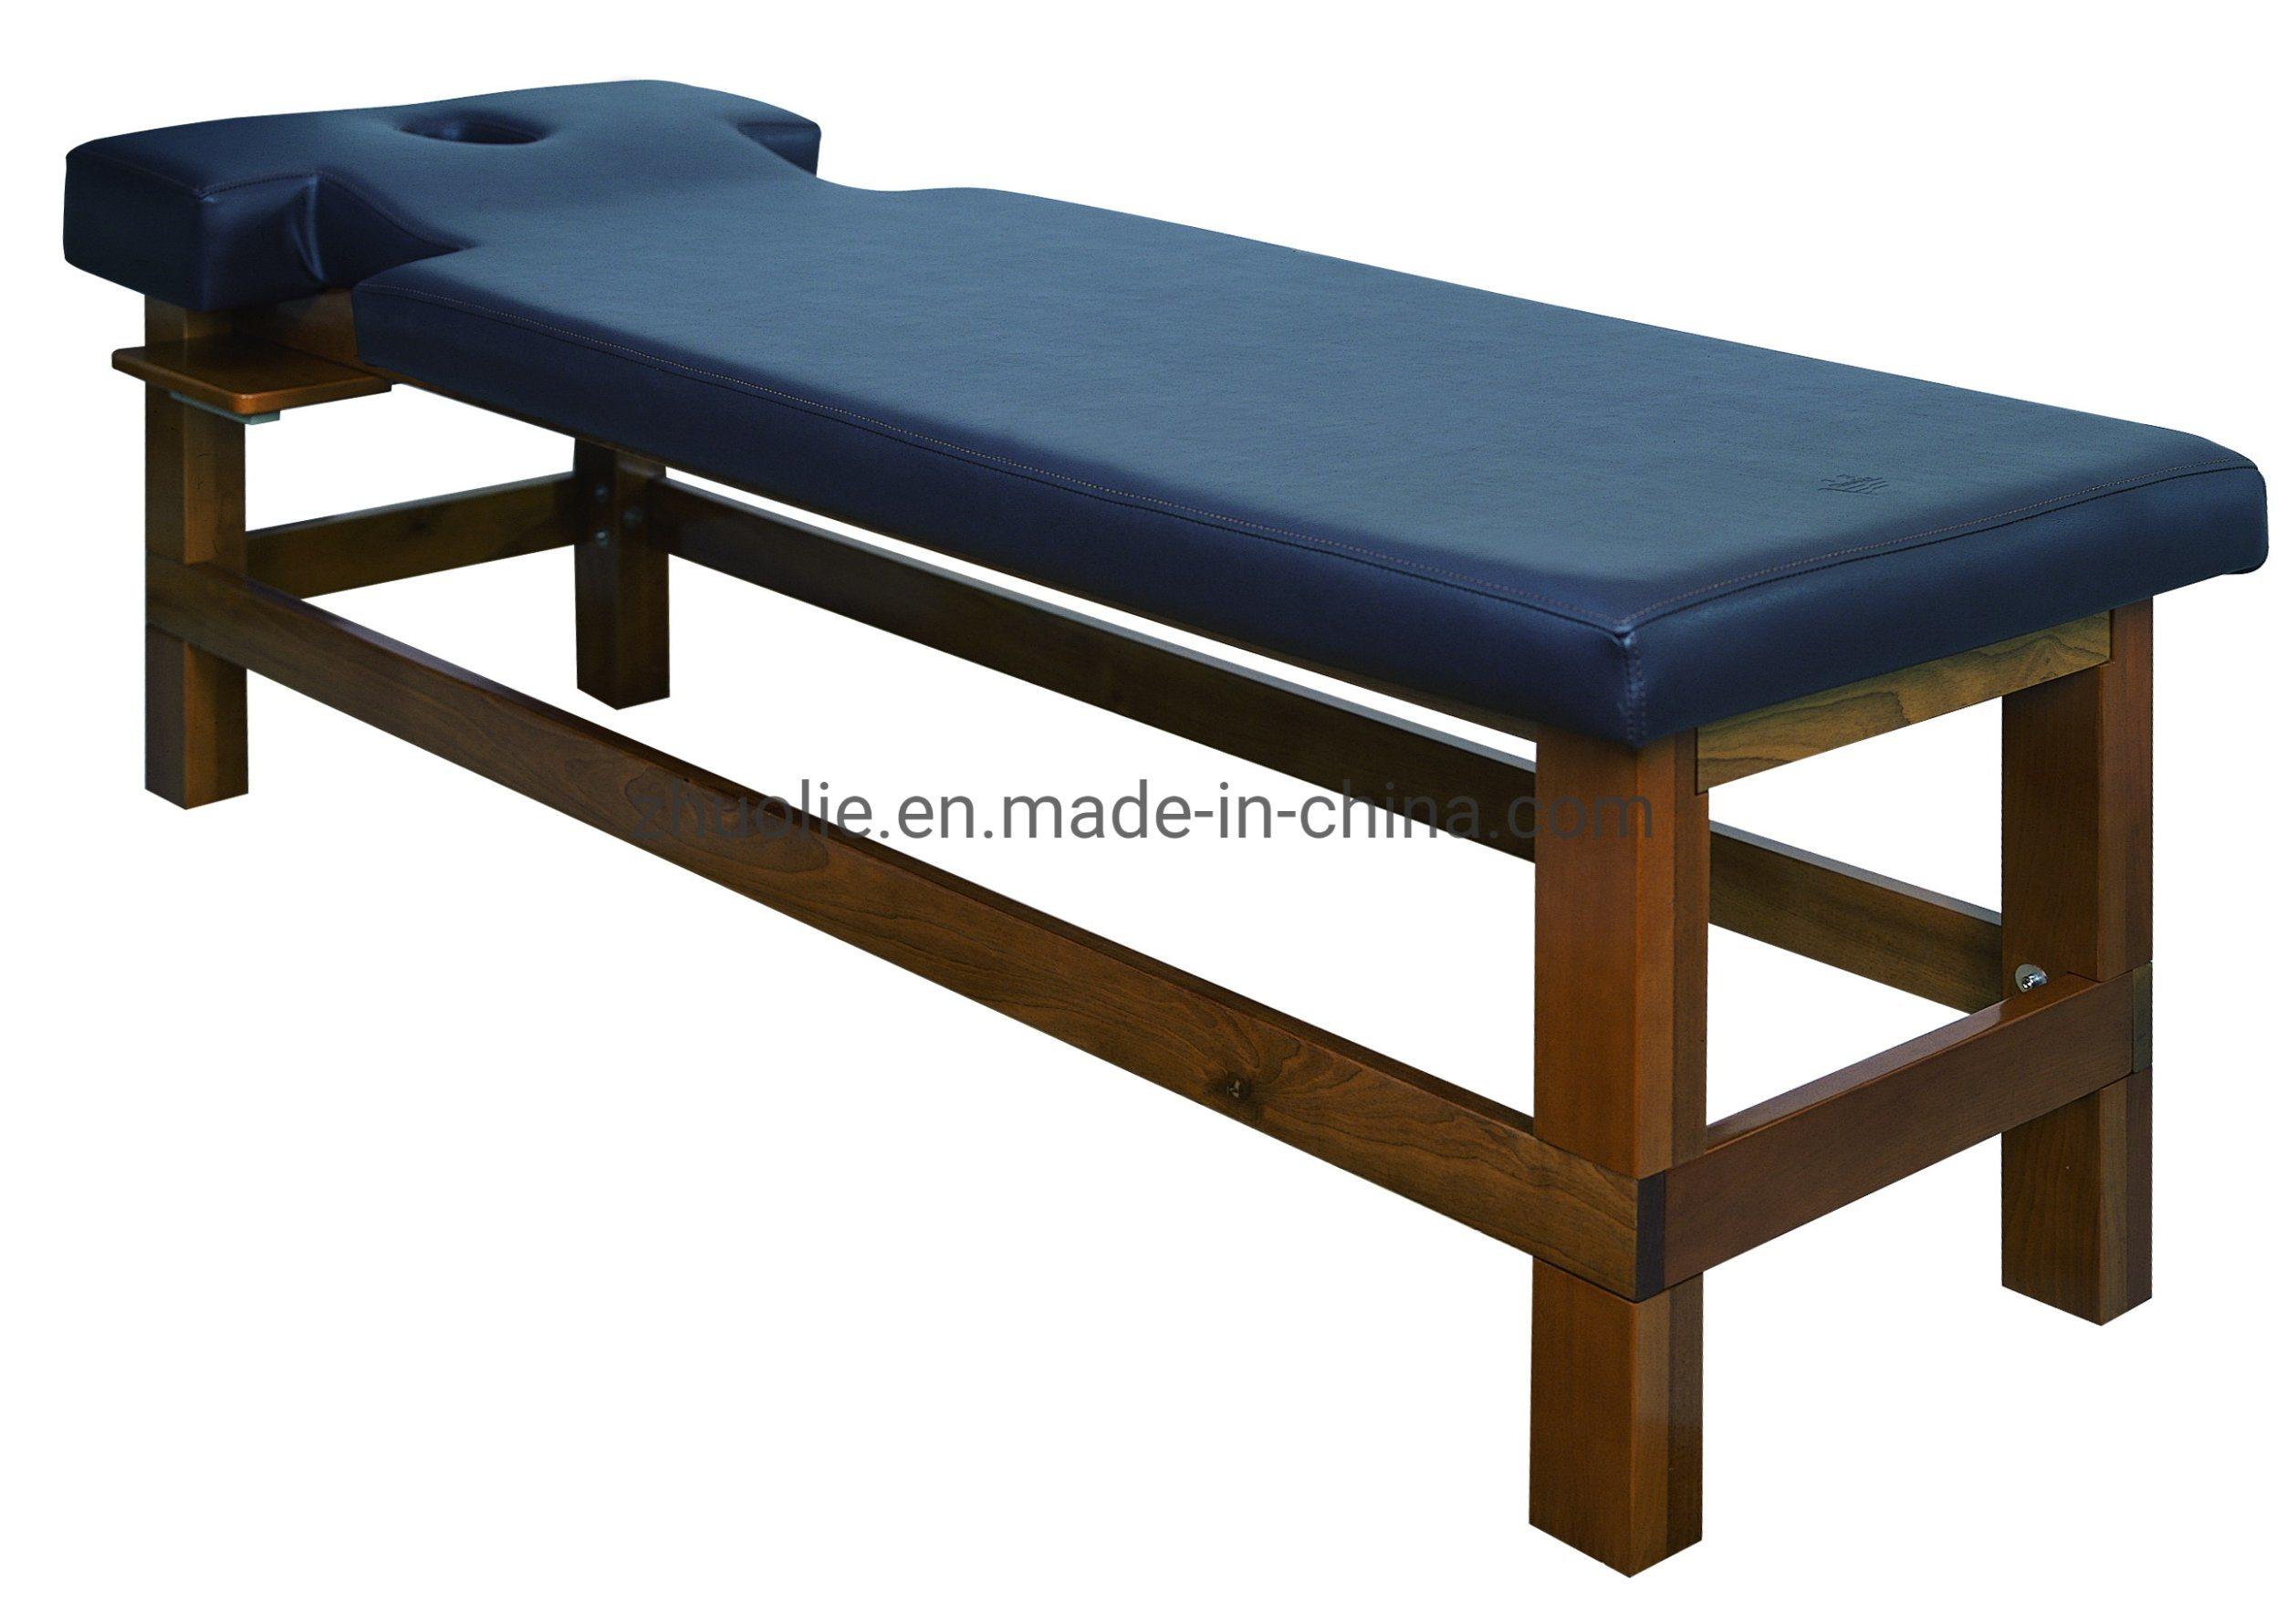 سرير تدليك خشبي بسيط ورخيص لمنتجع Salon الصحي (D09B)